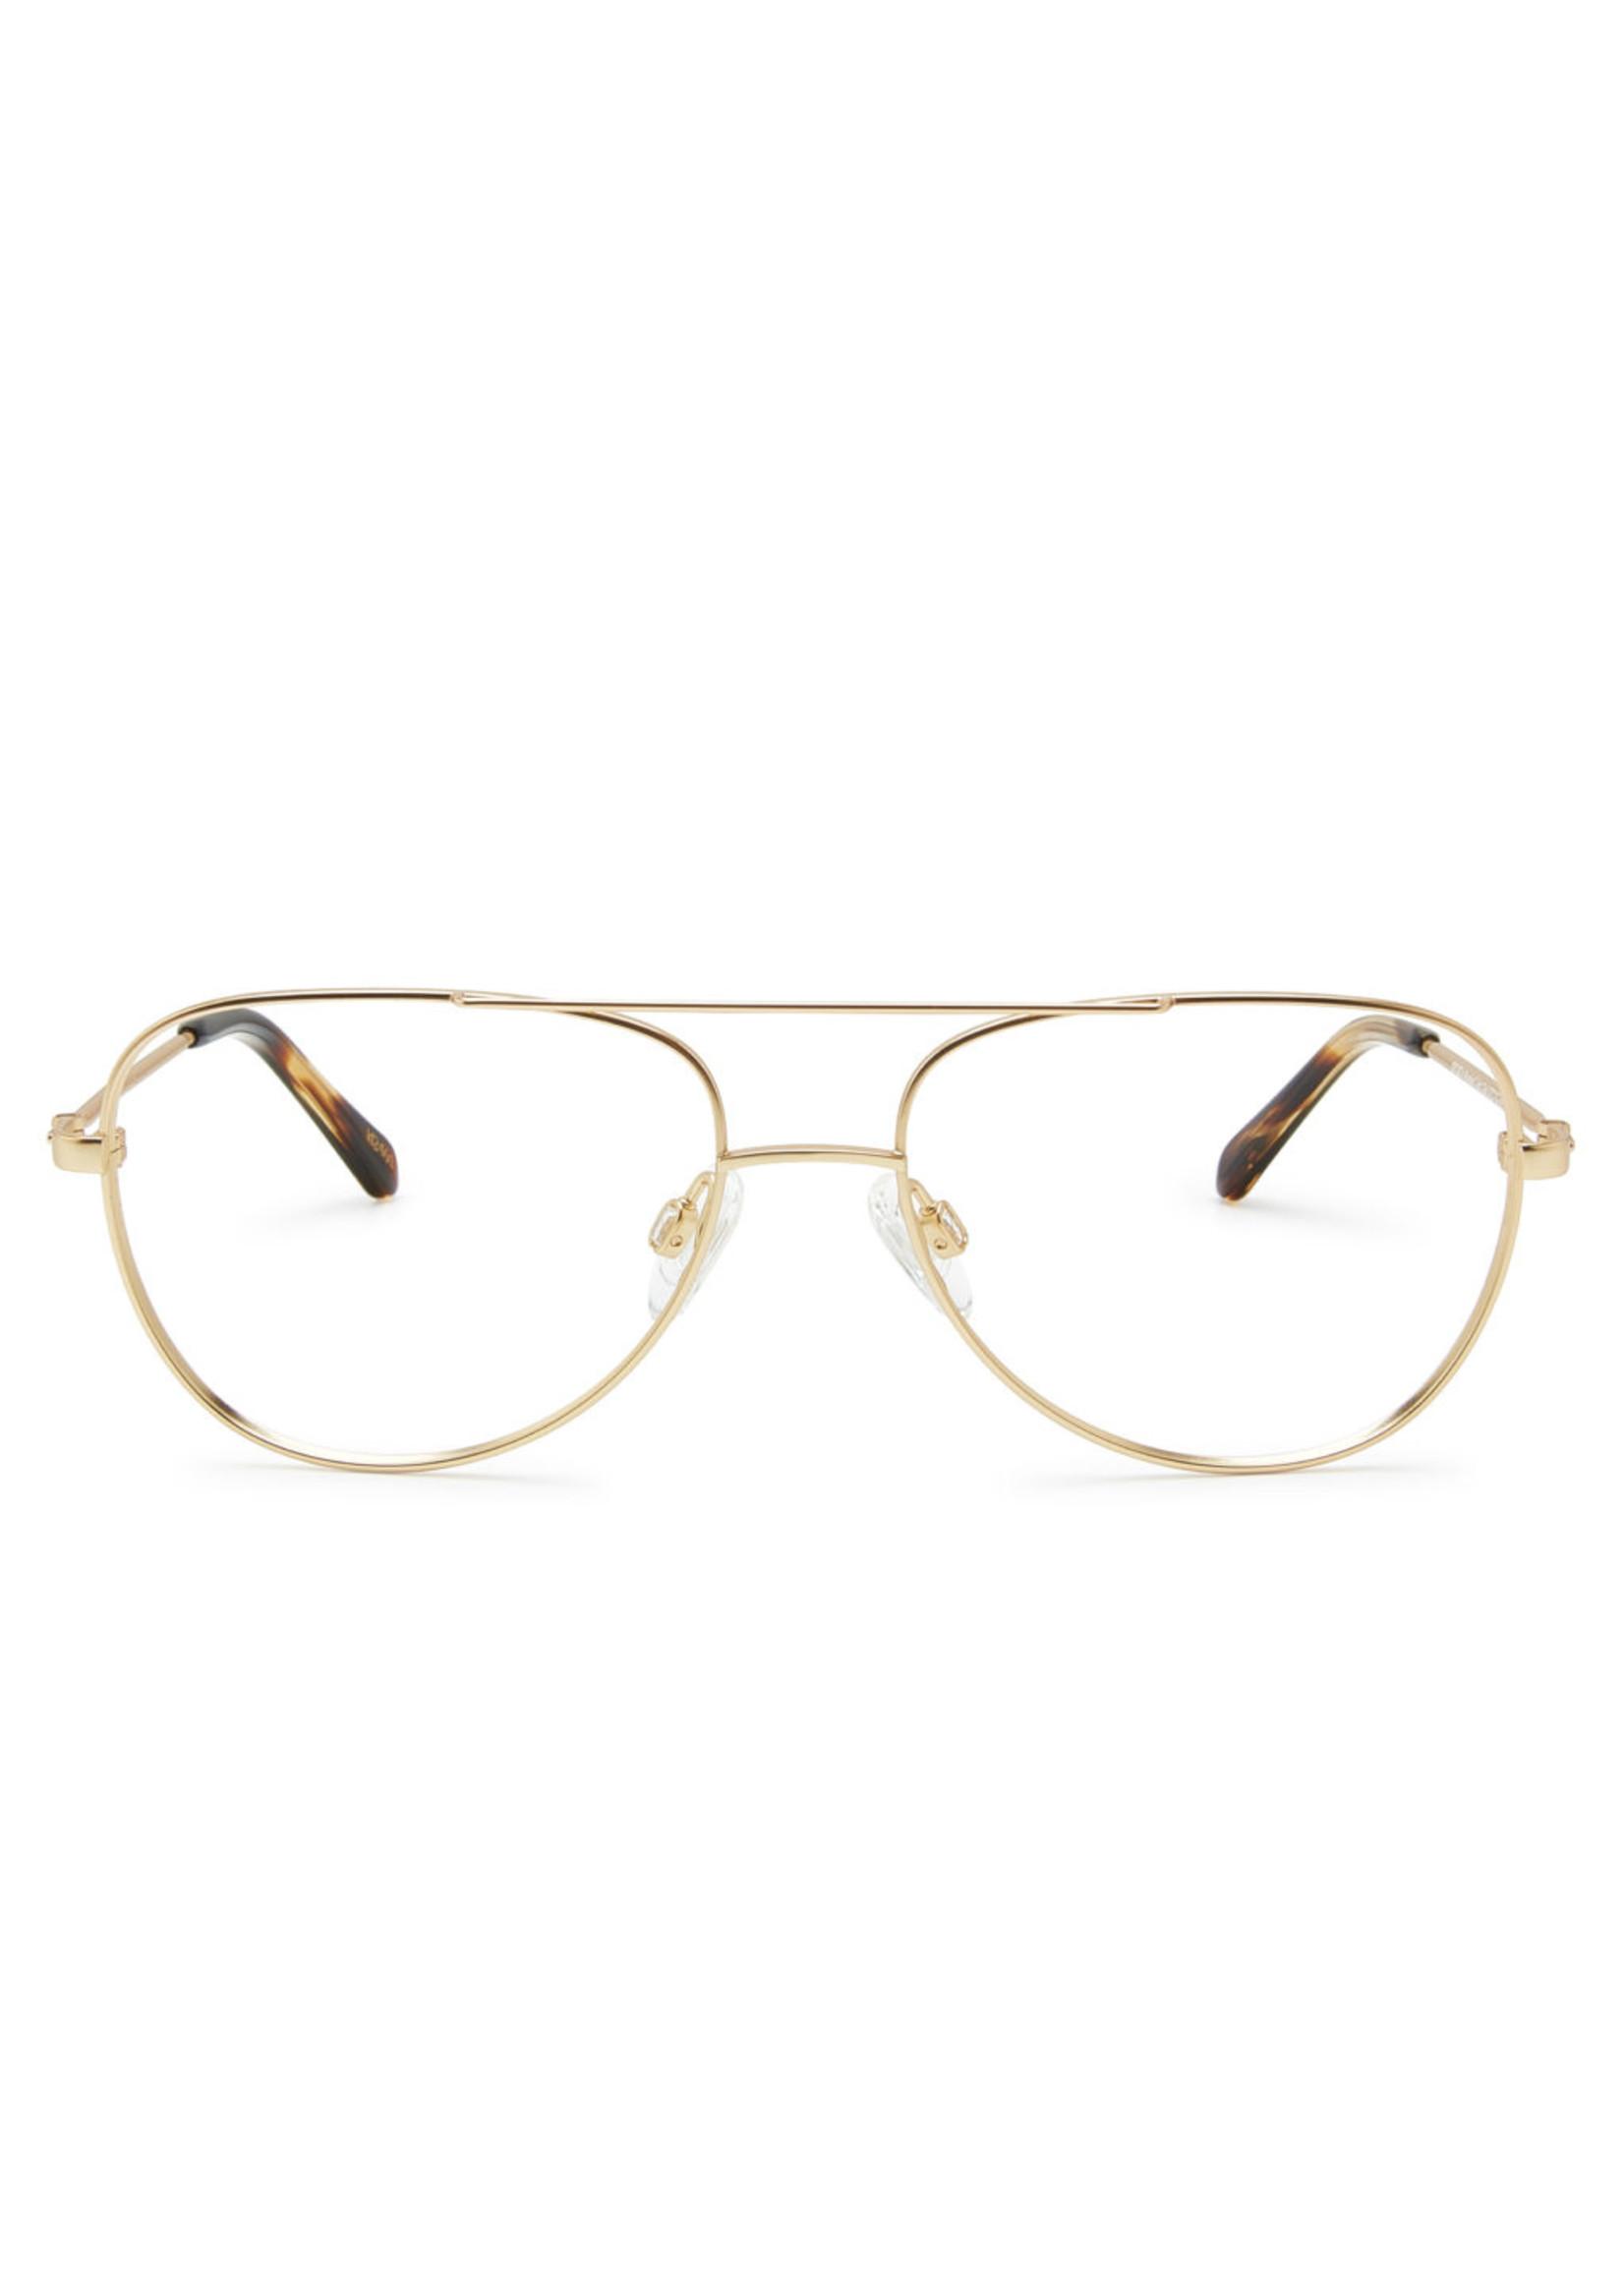 Heyelander Design Brillen  Heyelander Desigh Leesbril Skylar Titanium